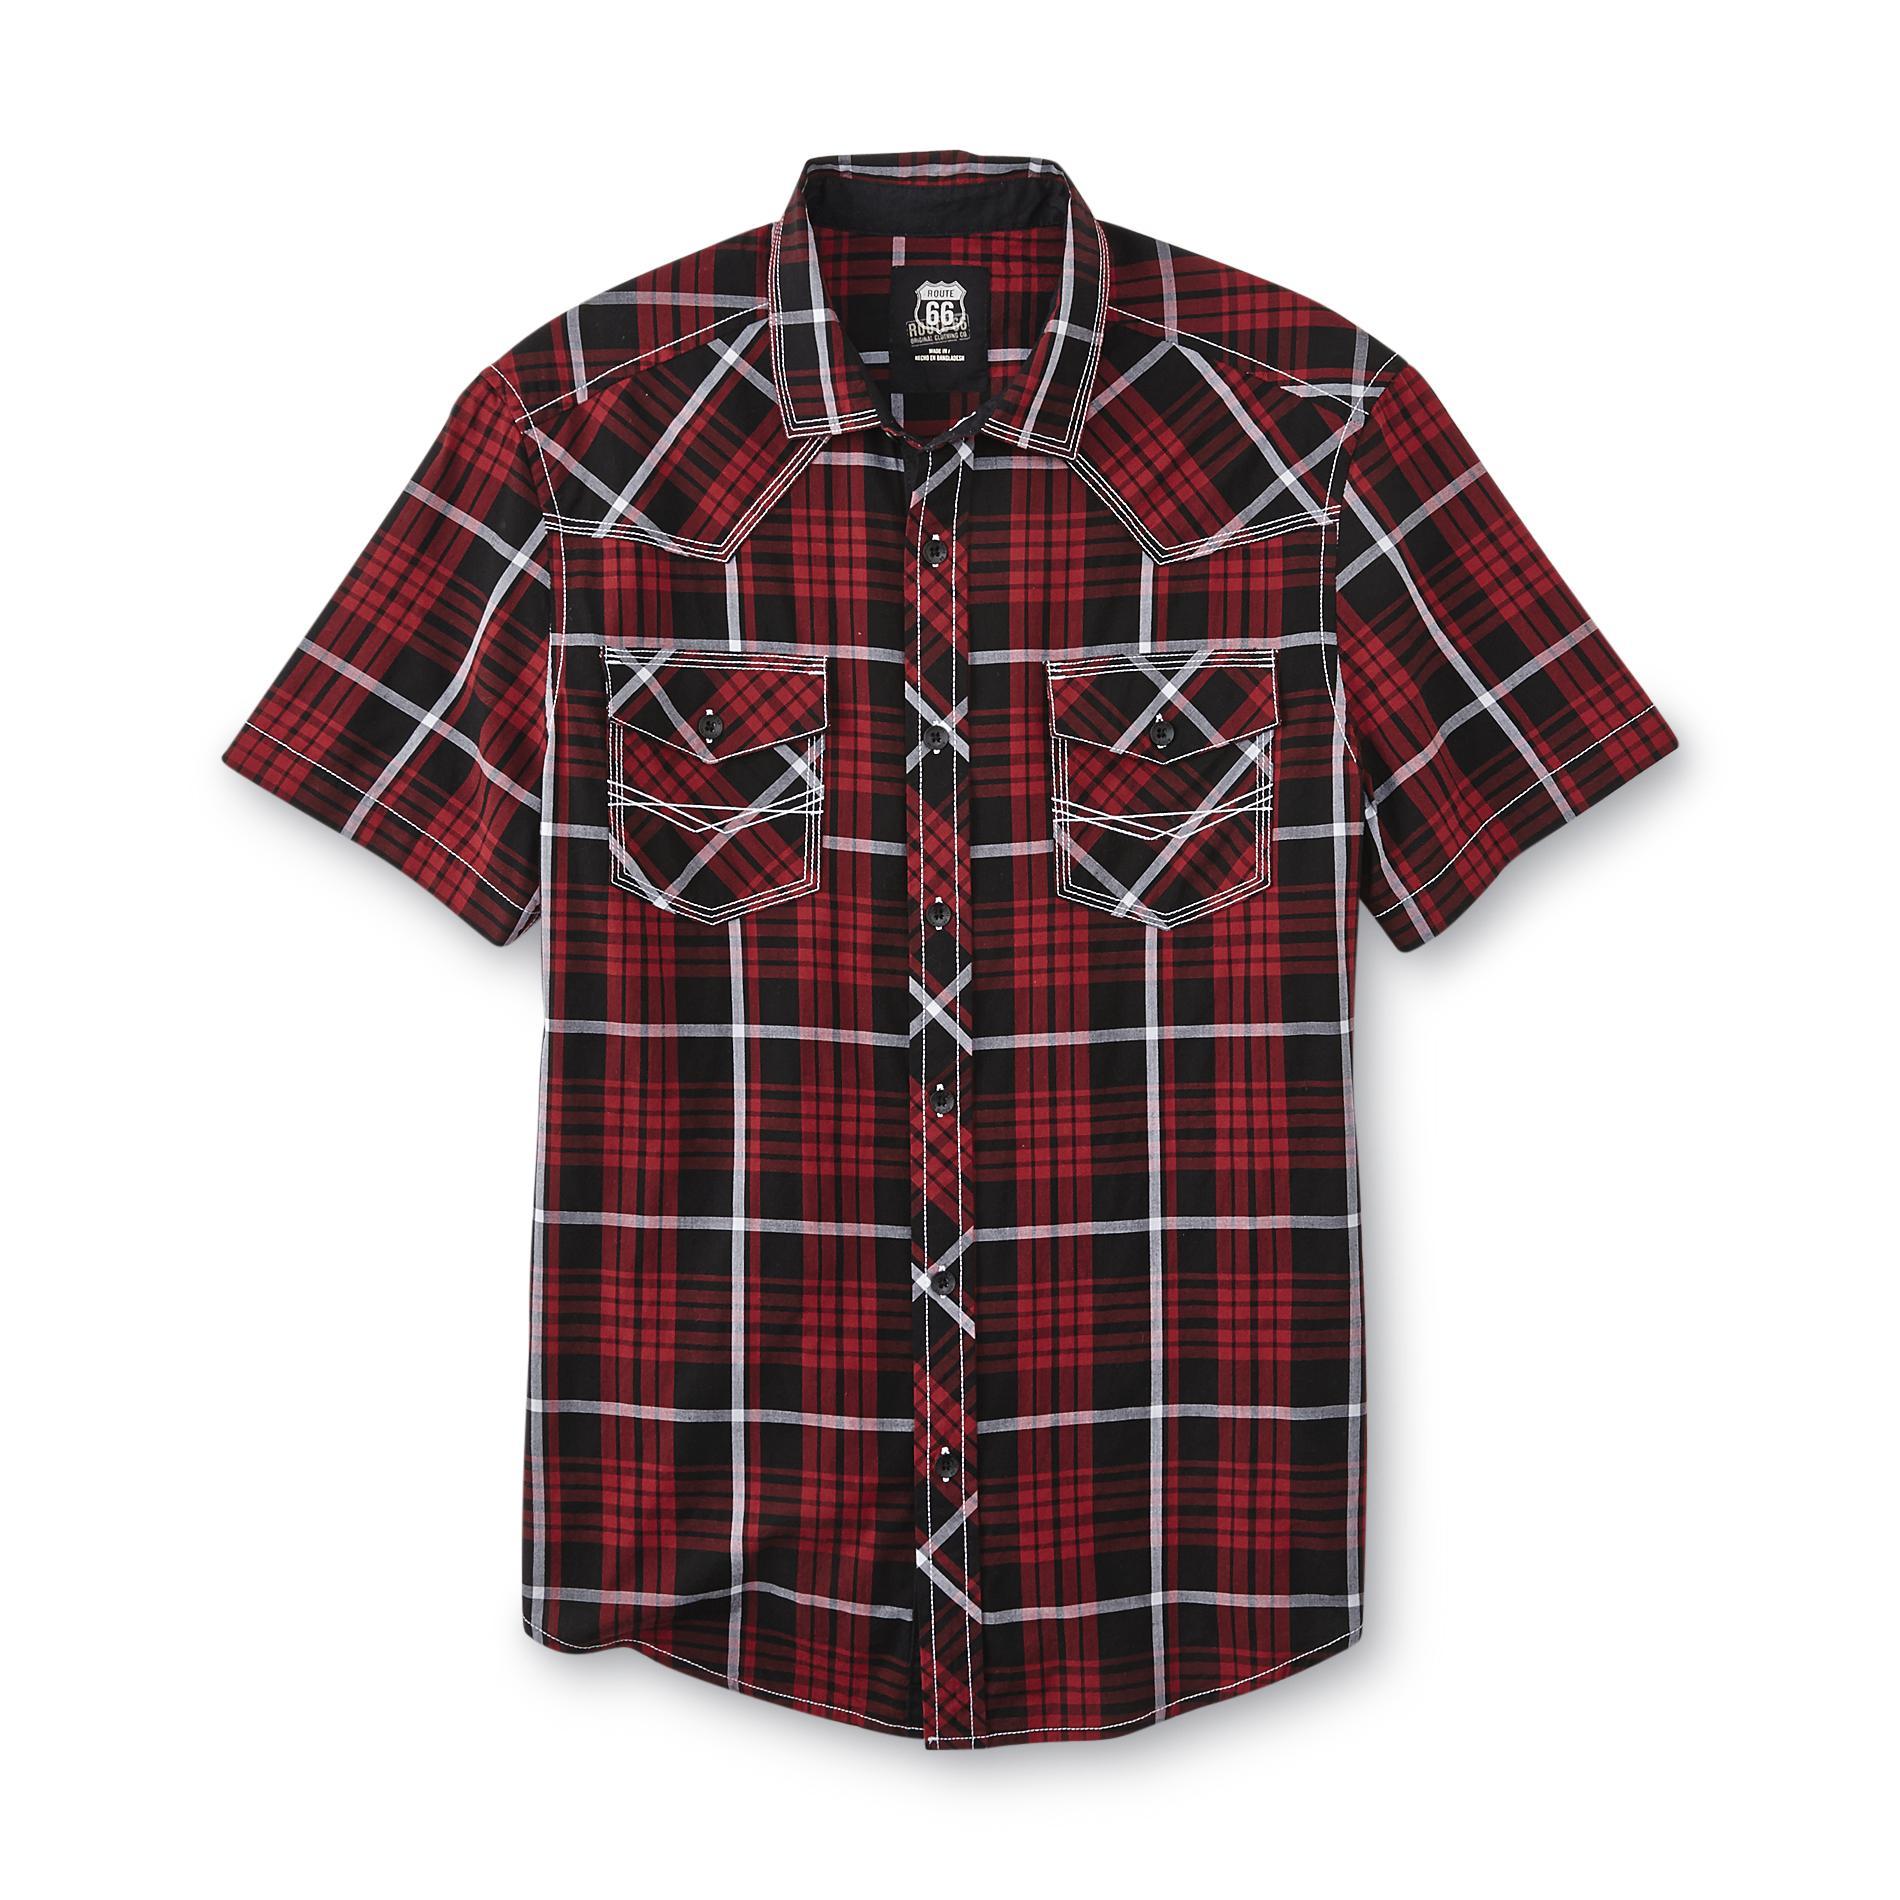 Men's Button-Front Poplin Shirt - Plaid